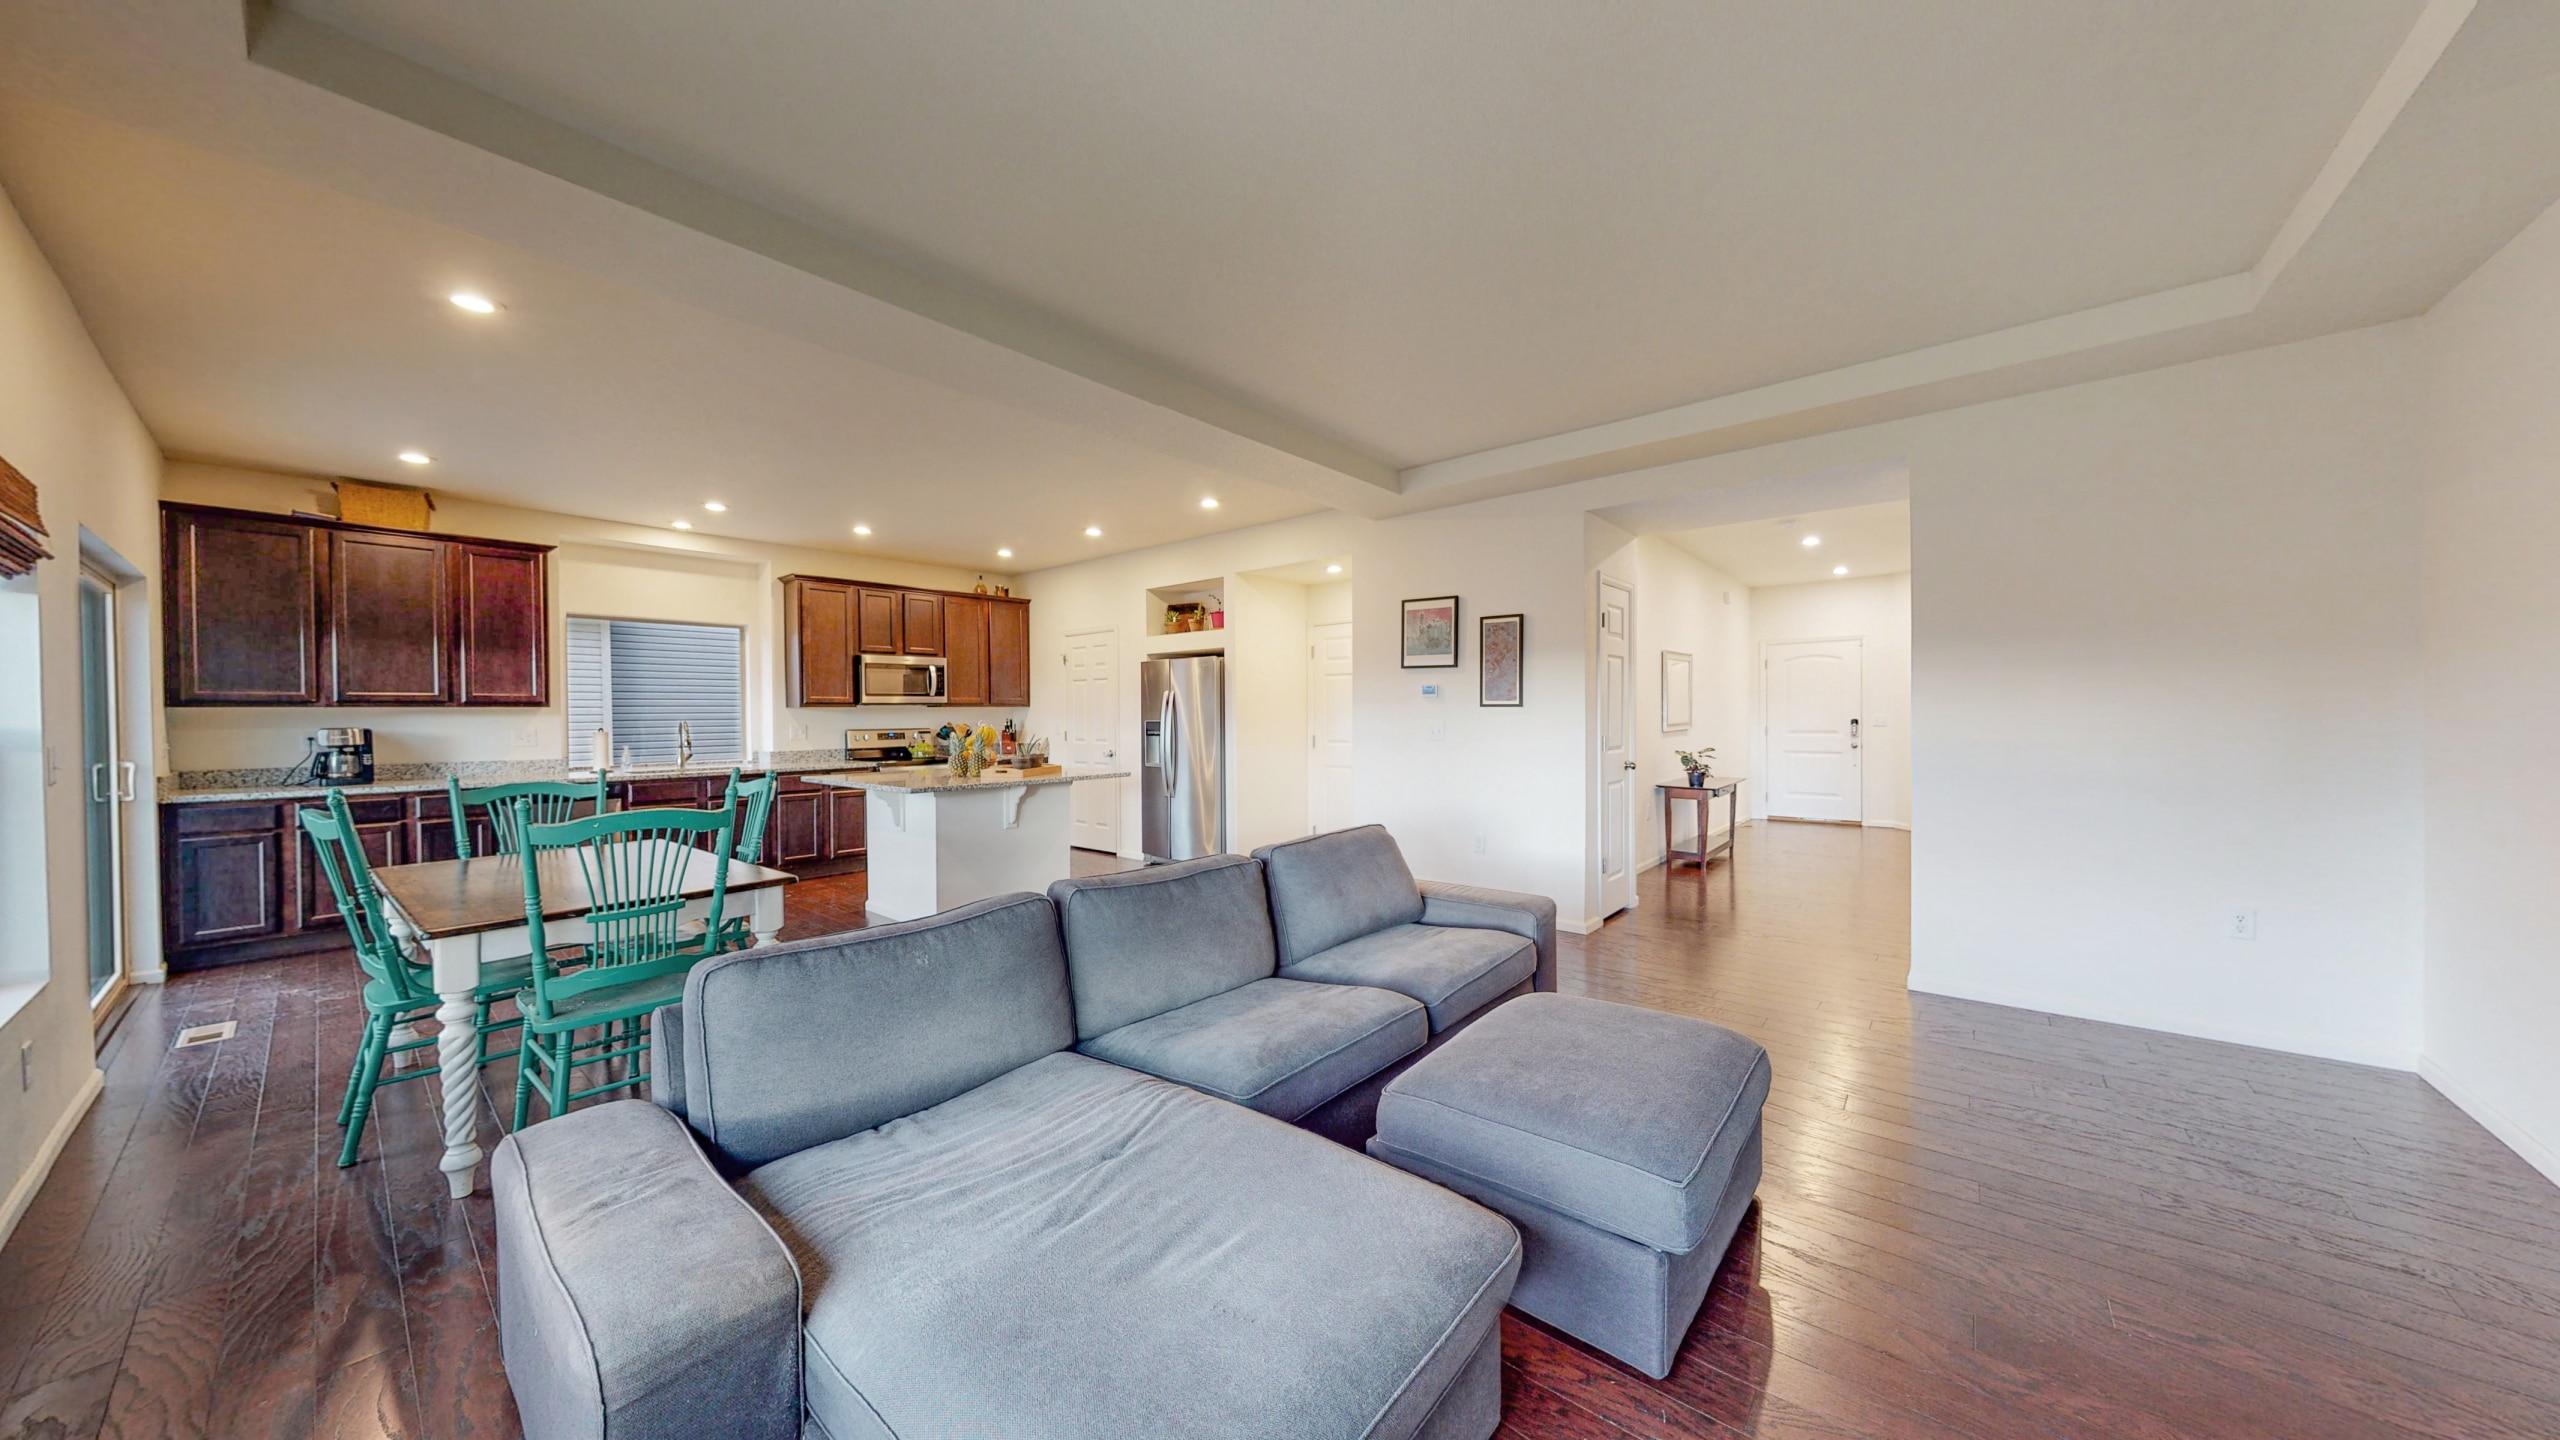 Commerce City Home For Sale Living Room, Hardwood Floors